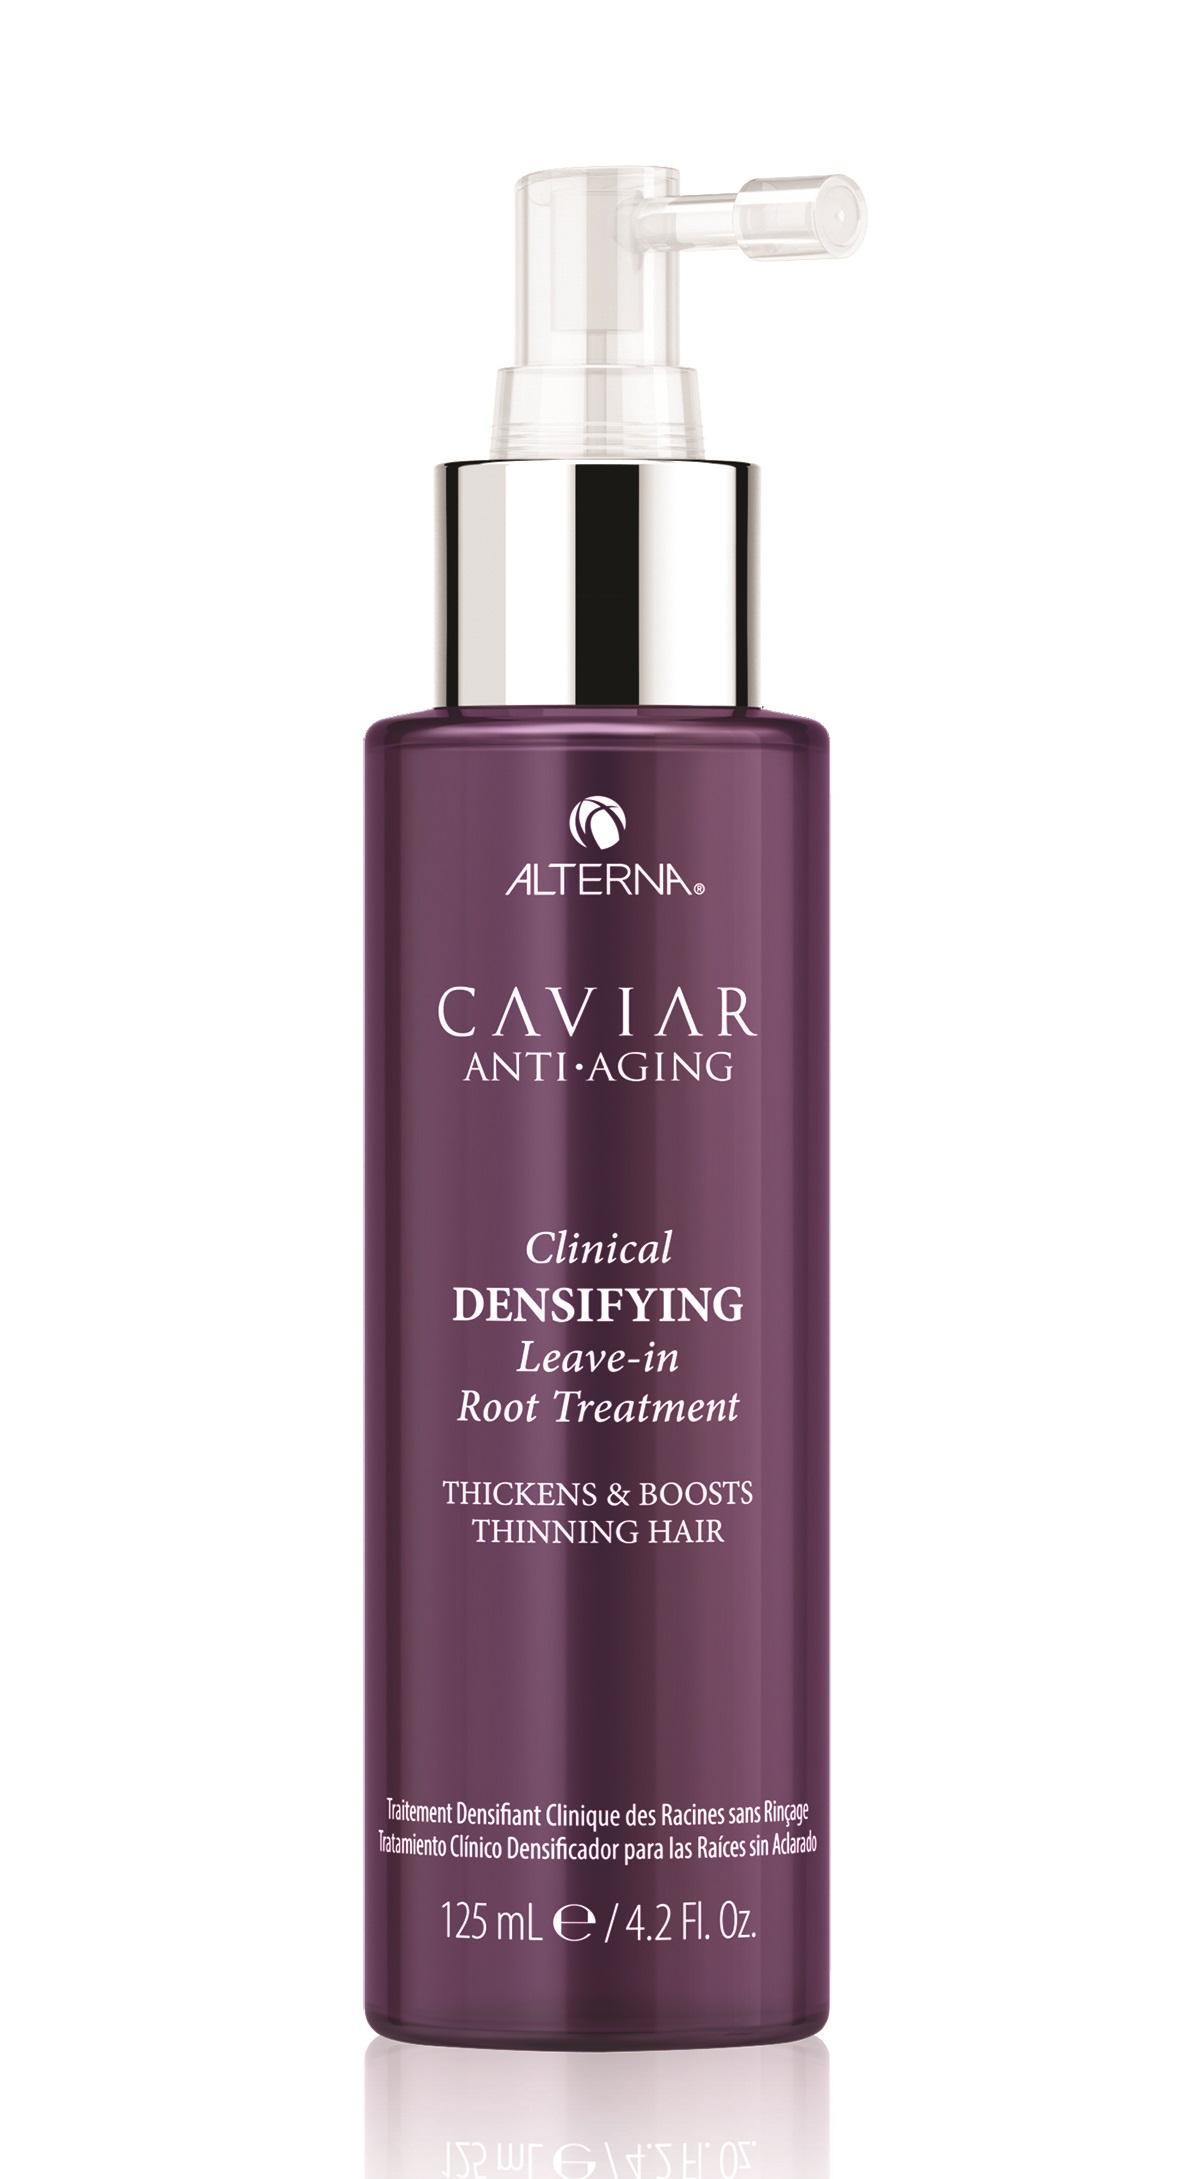 ALTERNA Спрей несмываемый для уплотнения и роста волос с экстрактом красного клевера / Caviar Anti-Aging Clinical Densifying Leave-in Root Treatment 125 мл фото